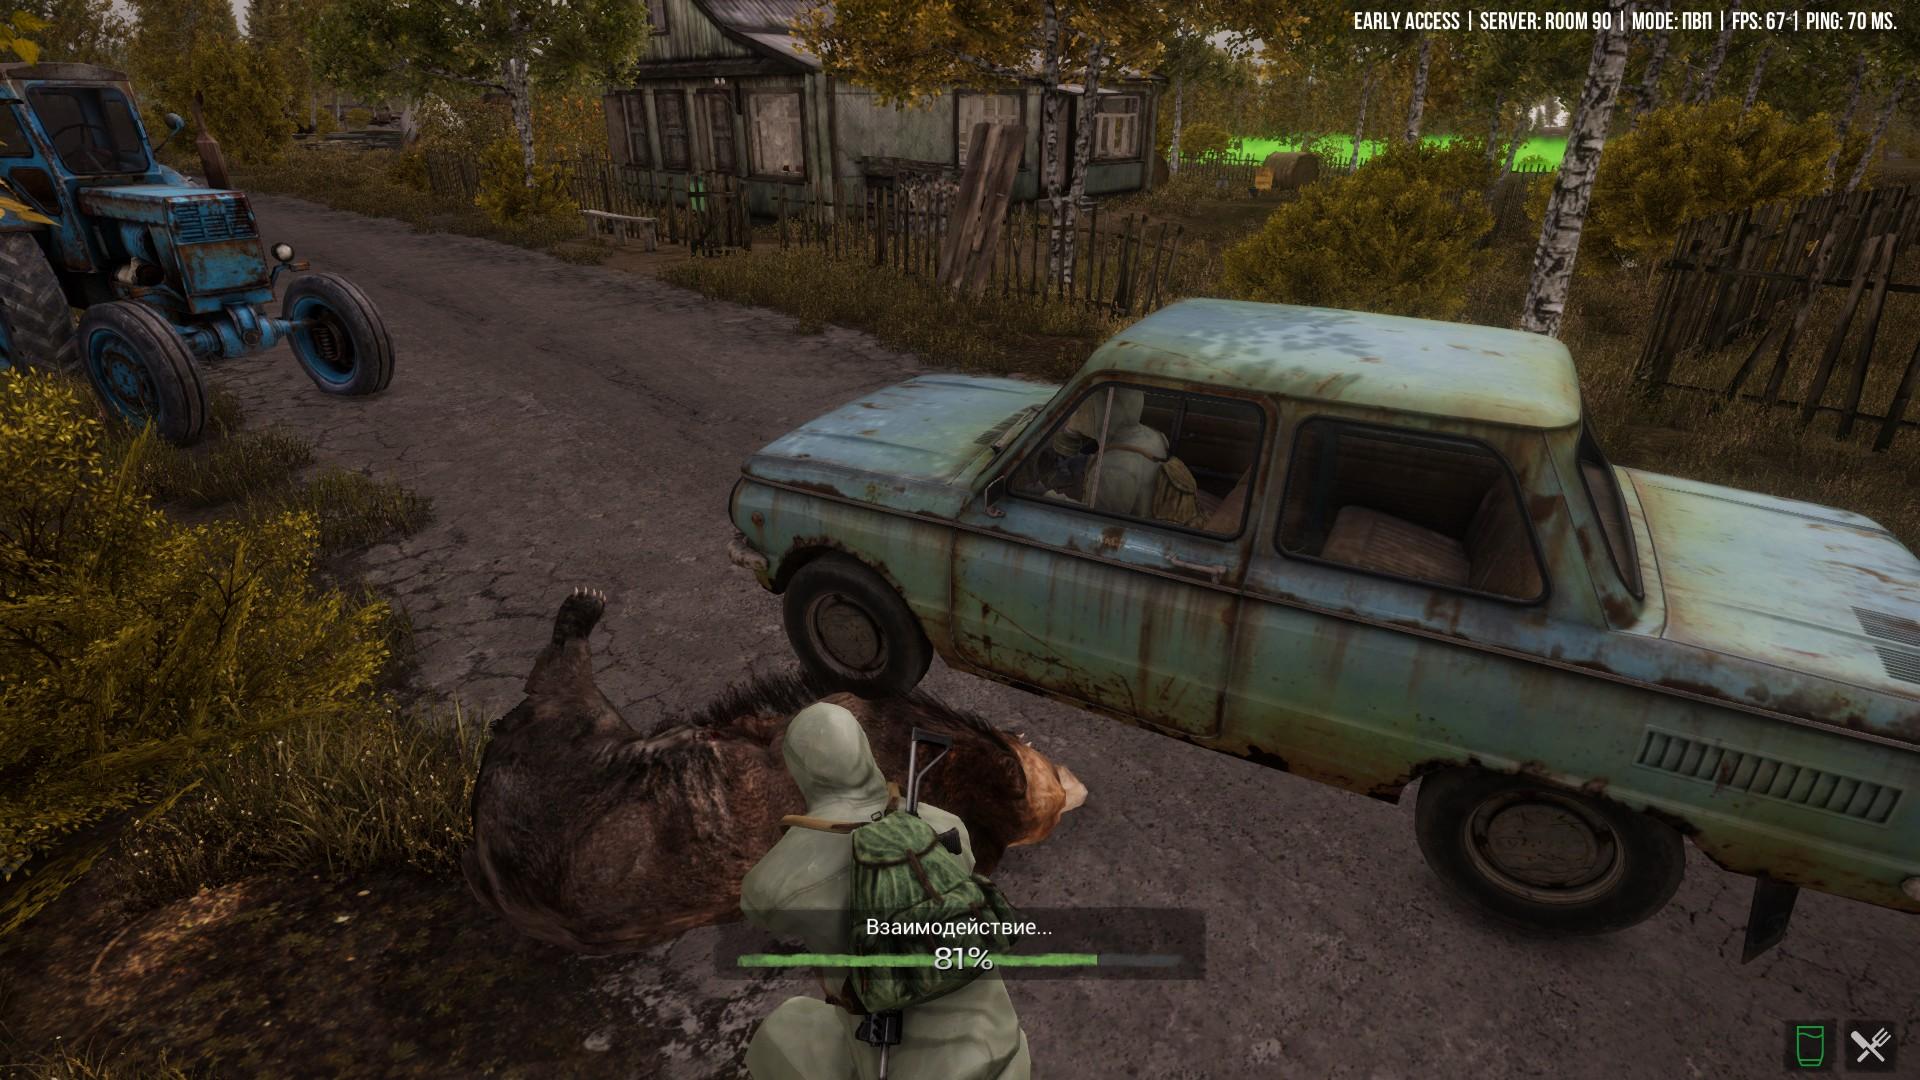 """Едем едем в соседнее село, на дискотеку! (Друг сидит за рулем как """"чайник"""") - Next Day: Survival"""